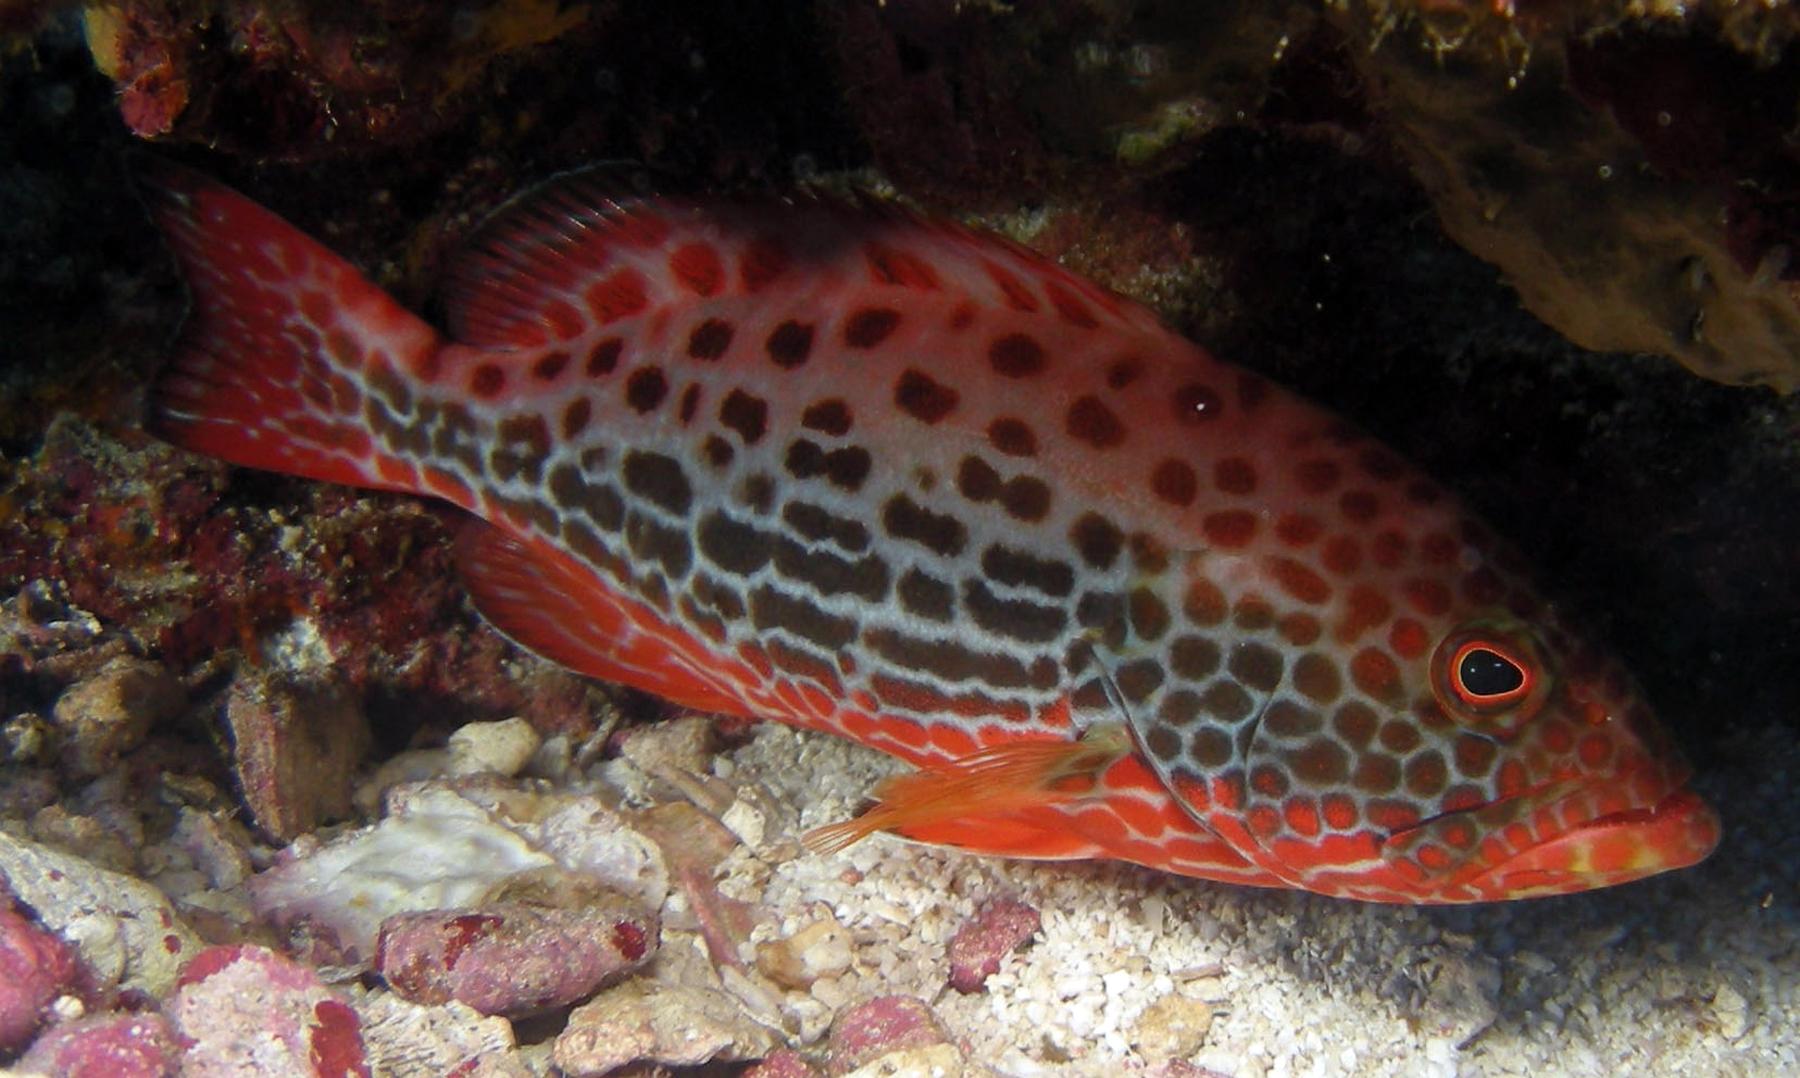 Grouper in Costa Rica